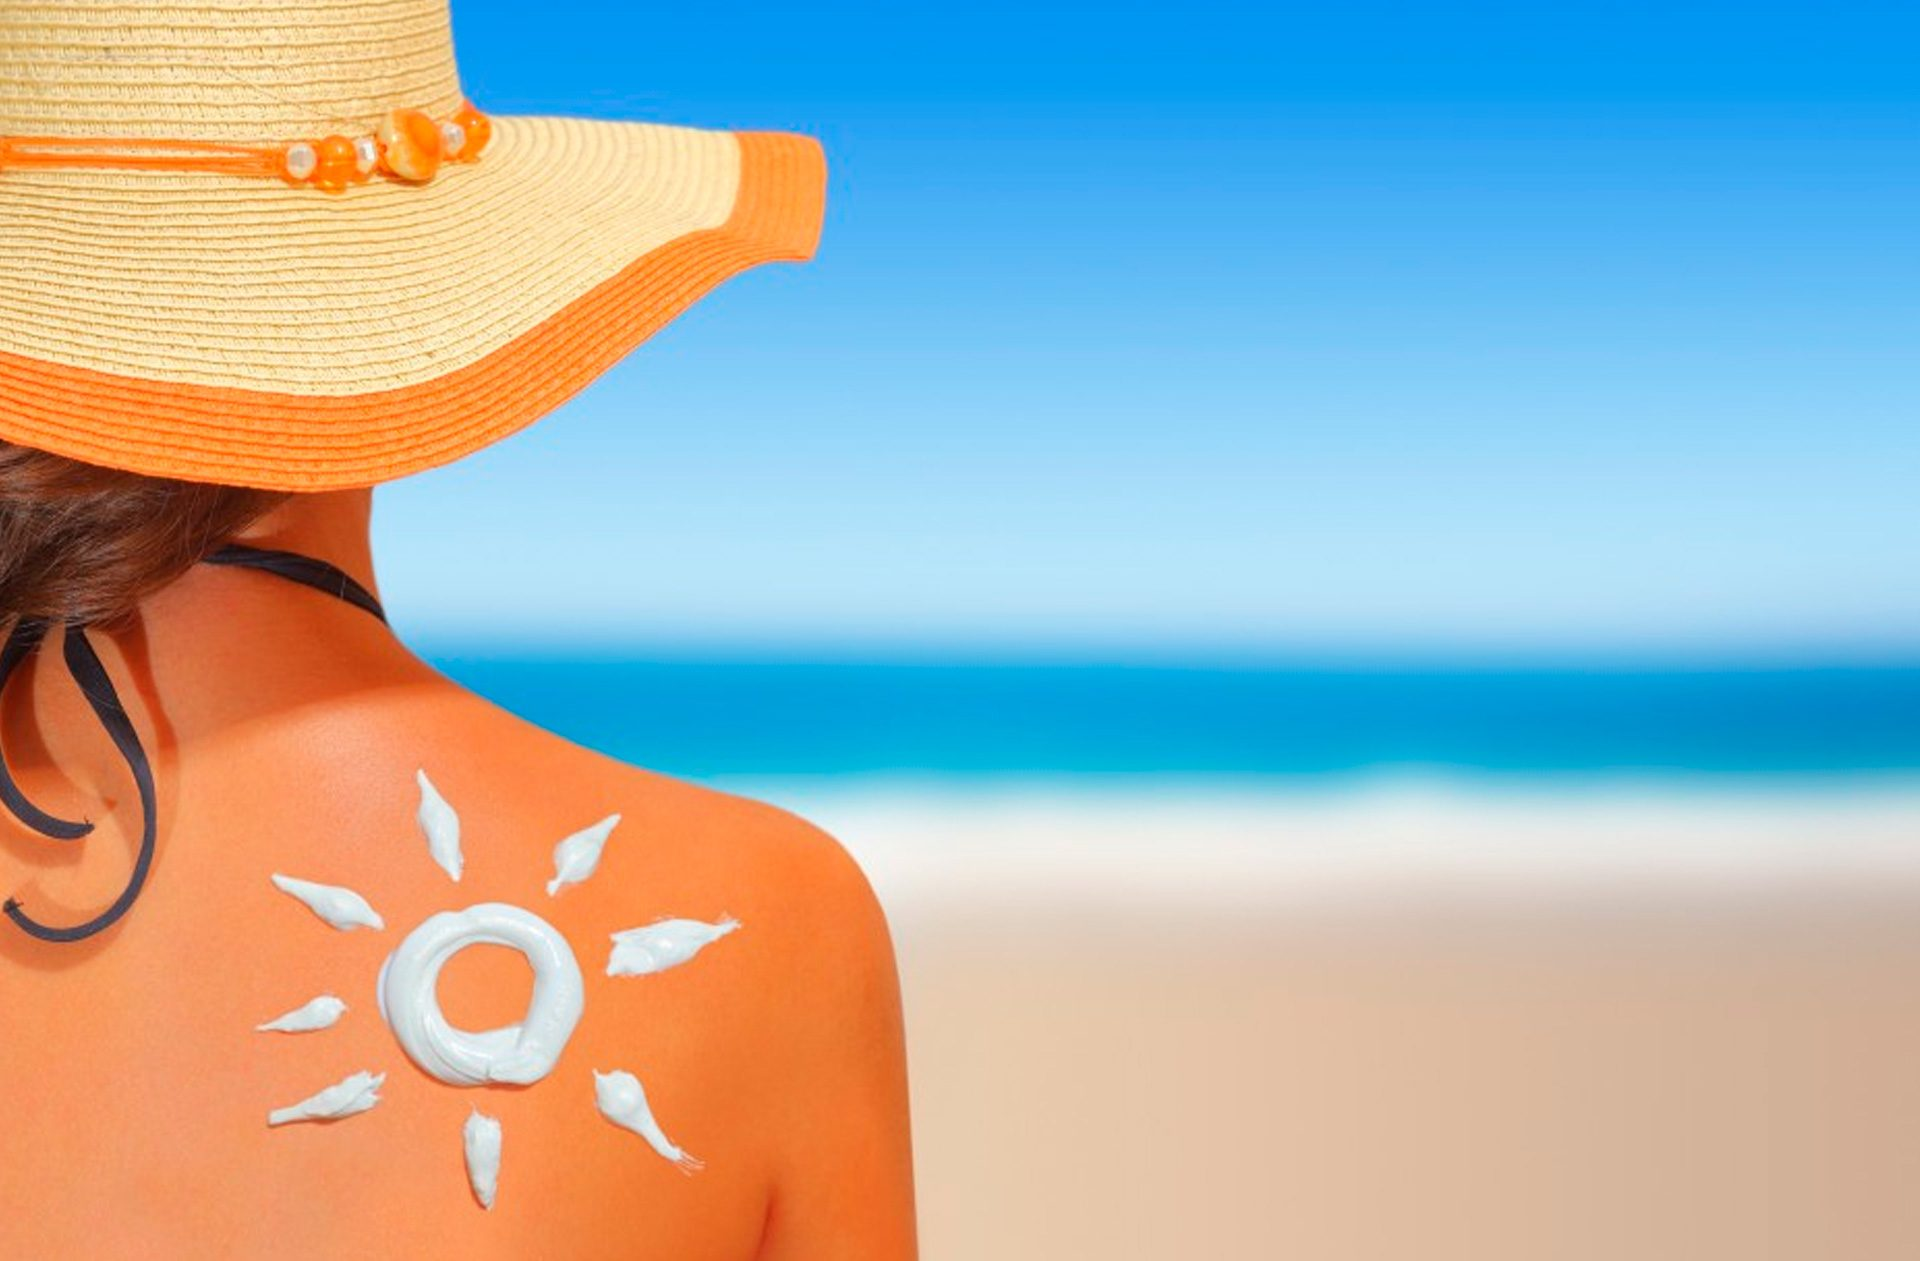 6 Recomendaciones de la aecc para que reduzcas el daño del sol